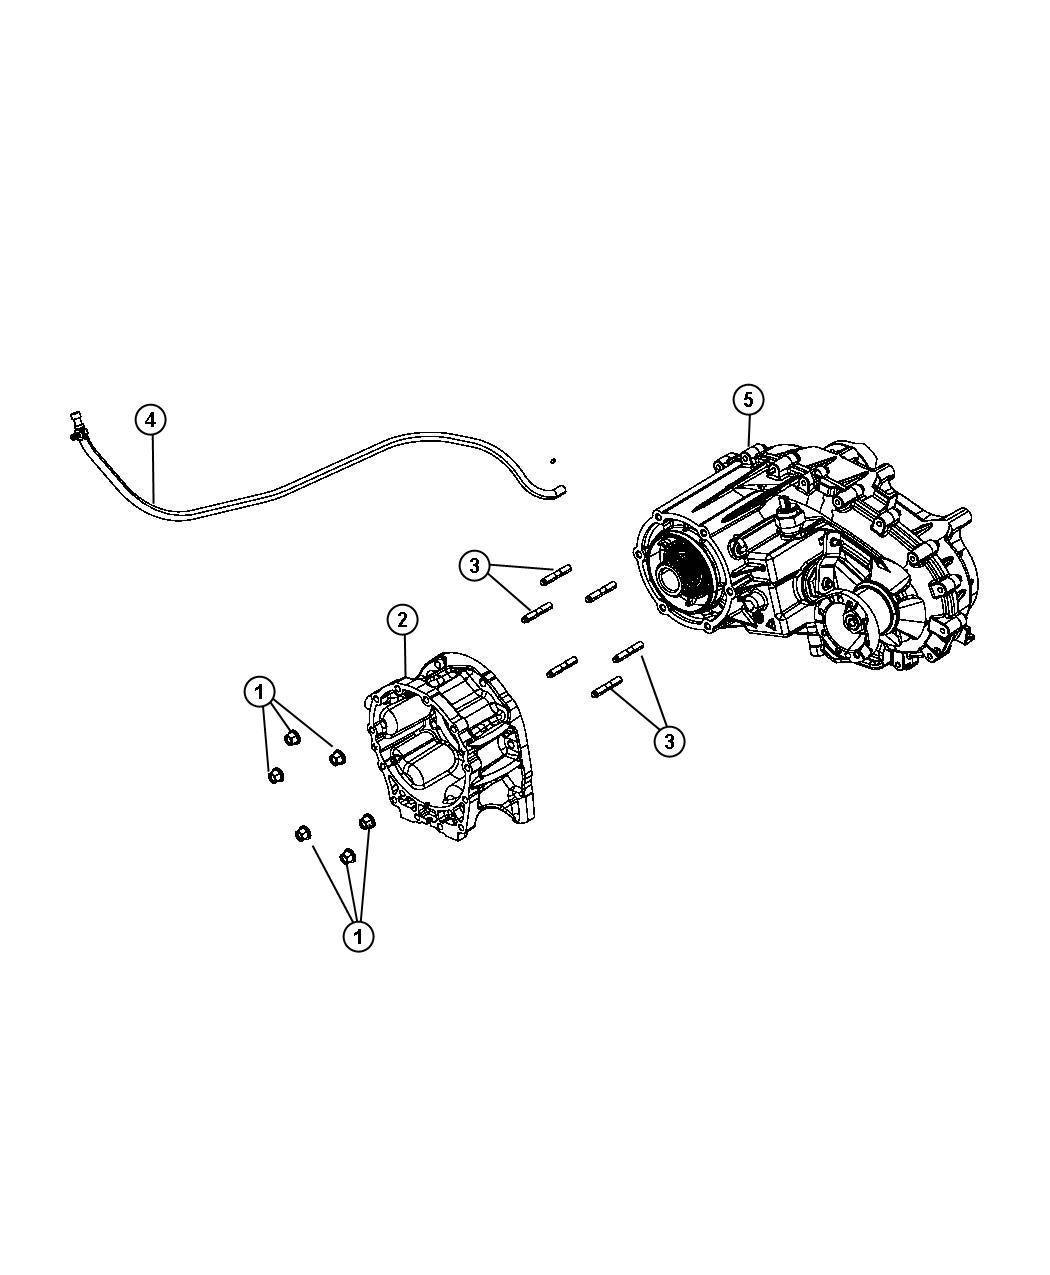 jeep wrangler transfer case np241 dhe moduleman dgj. Black Bedroom Furniture Sets. Home Design Ideas